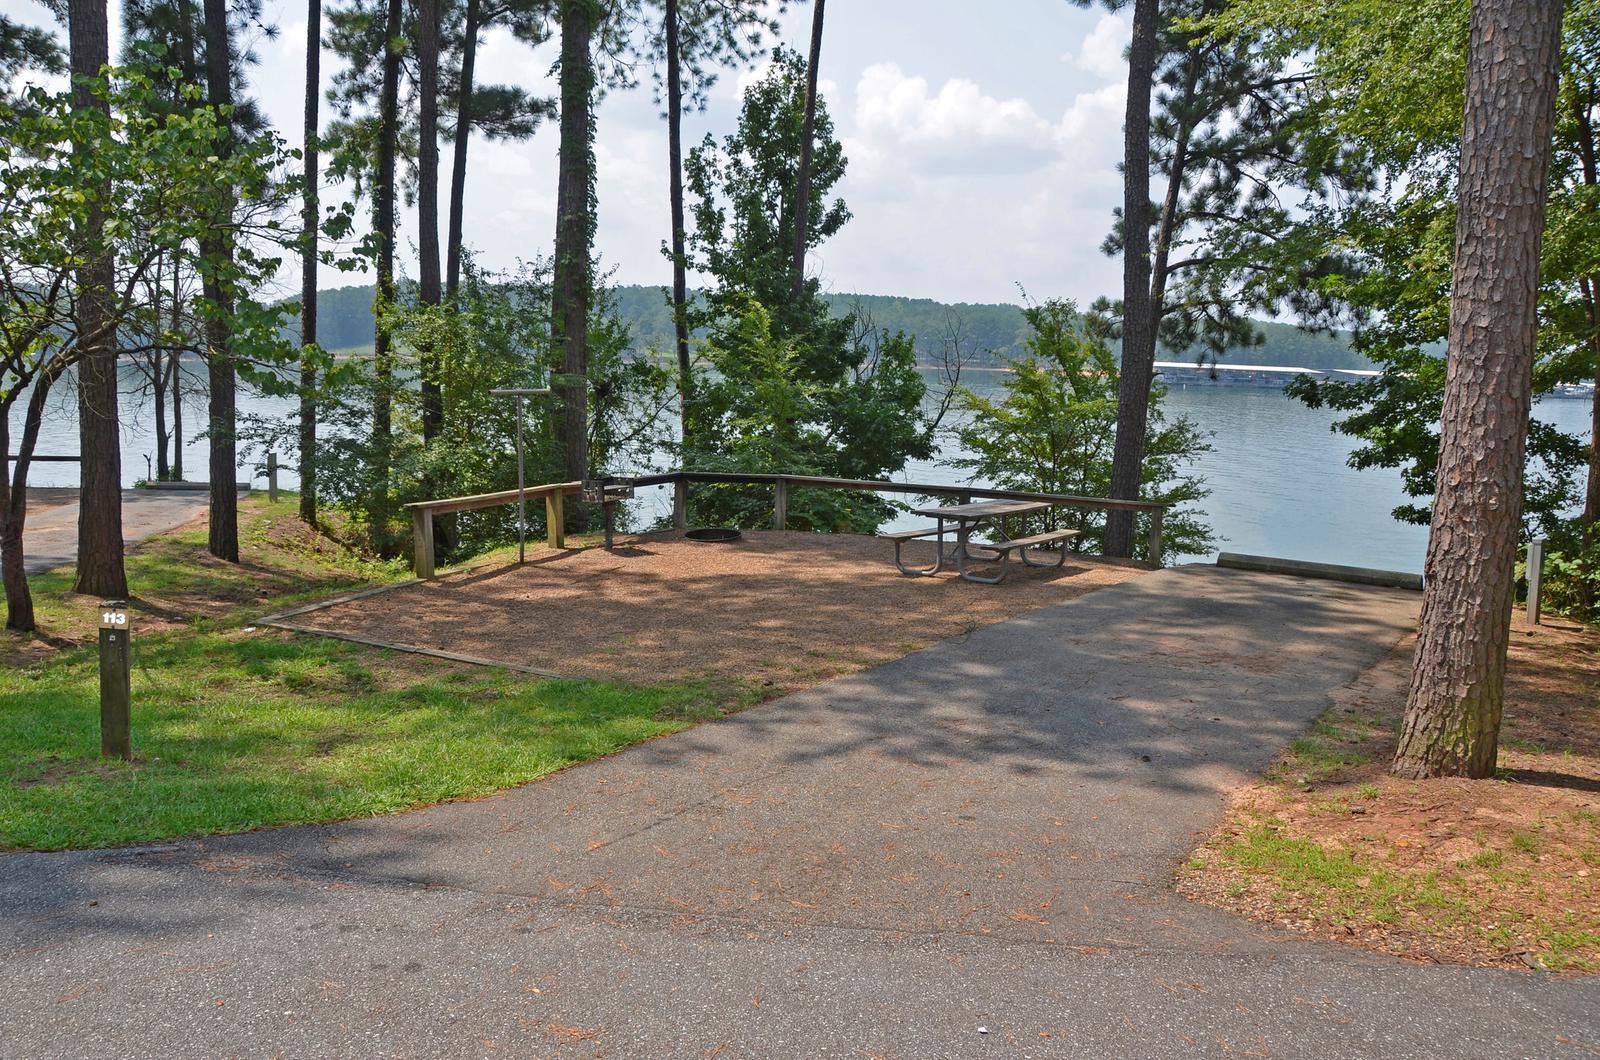 McKinney Campground Site 113